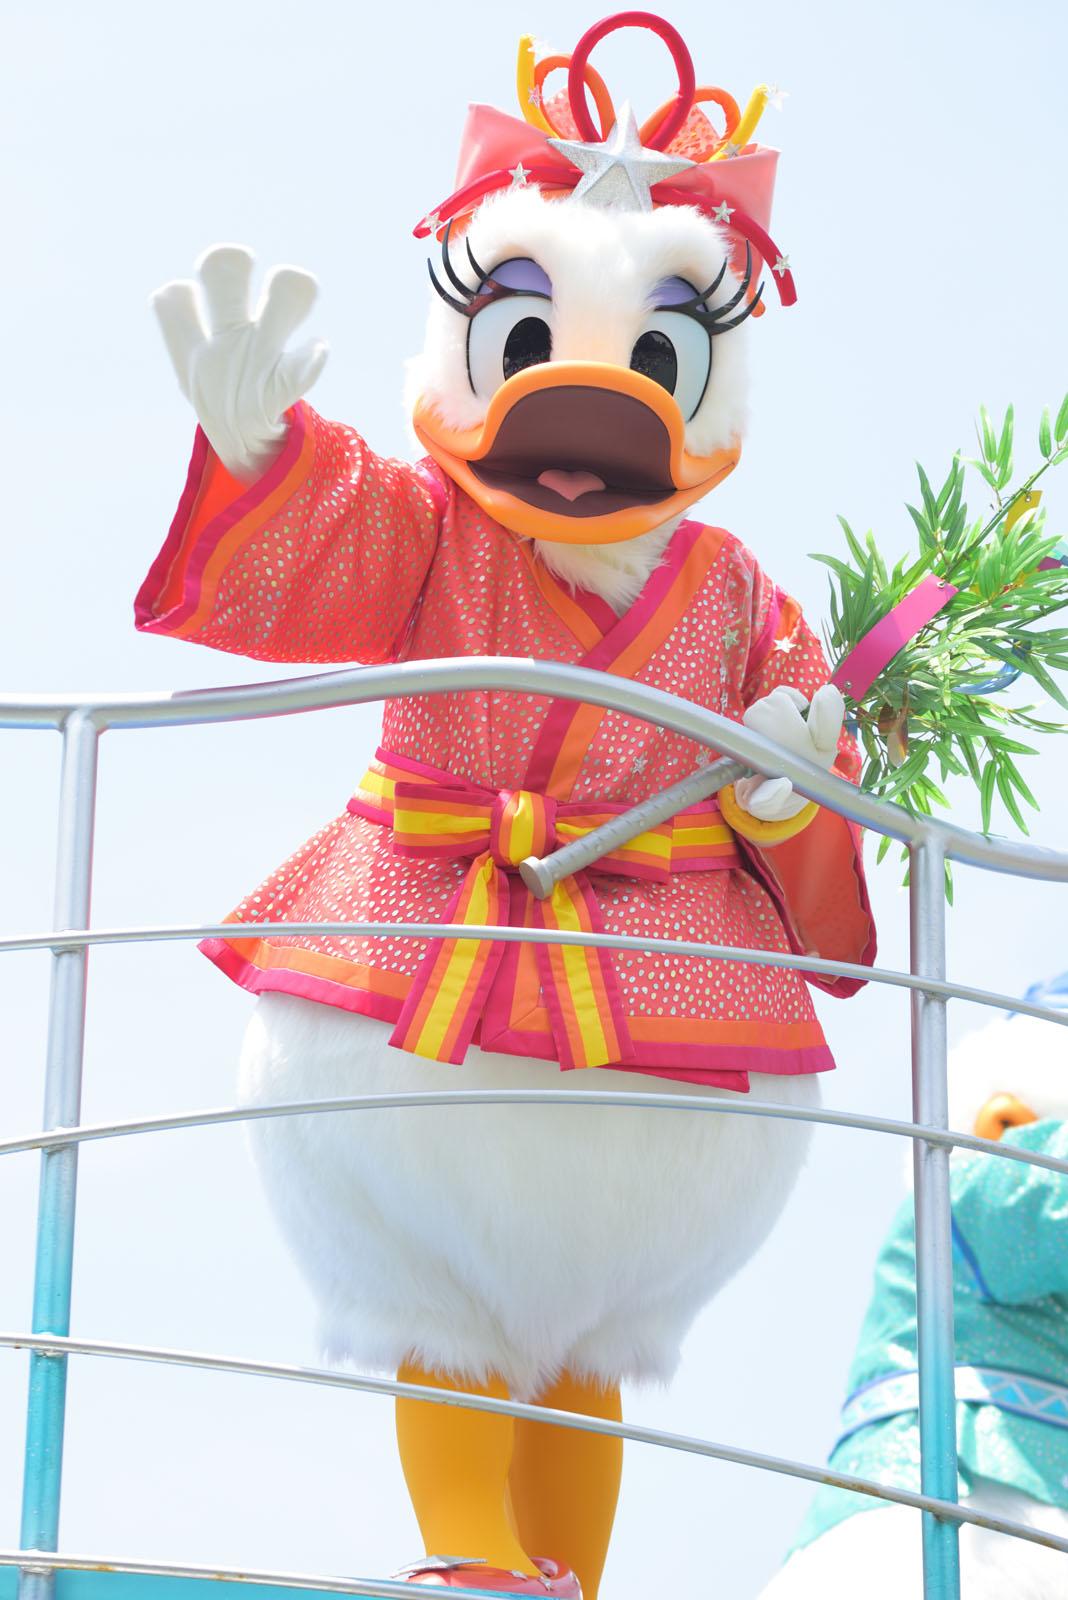 東京ディズニーランド 七夕グリーティング2019 デイジー